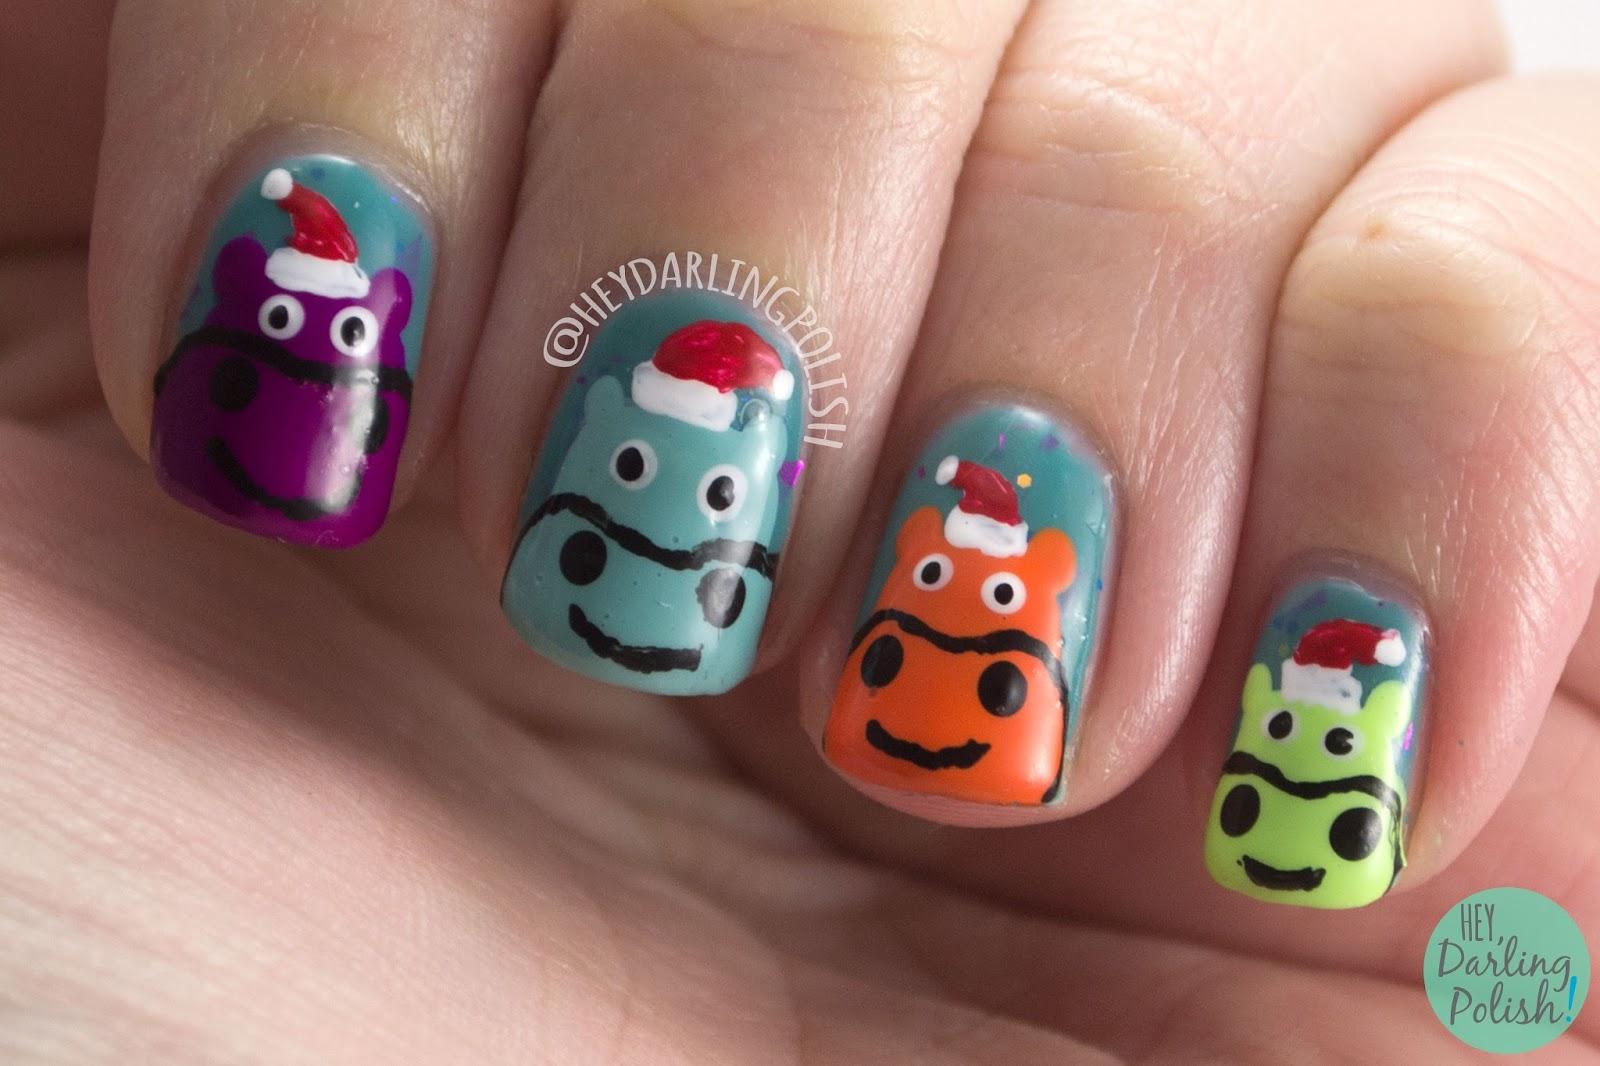 nails, nail art, nail polish, hey darling polish, christmas, christmas nail art, hippo, hippopotamus, the nail art guild, free hand